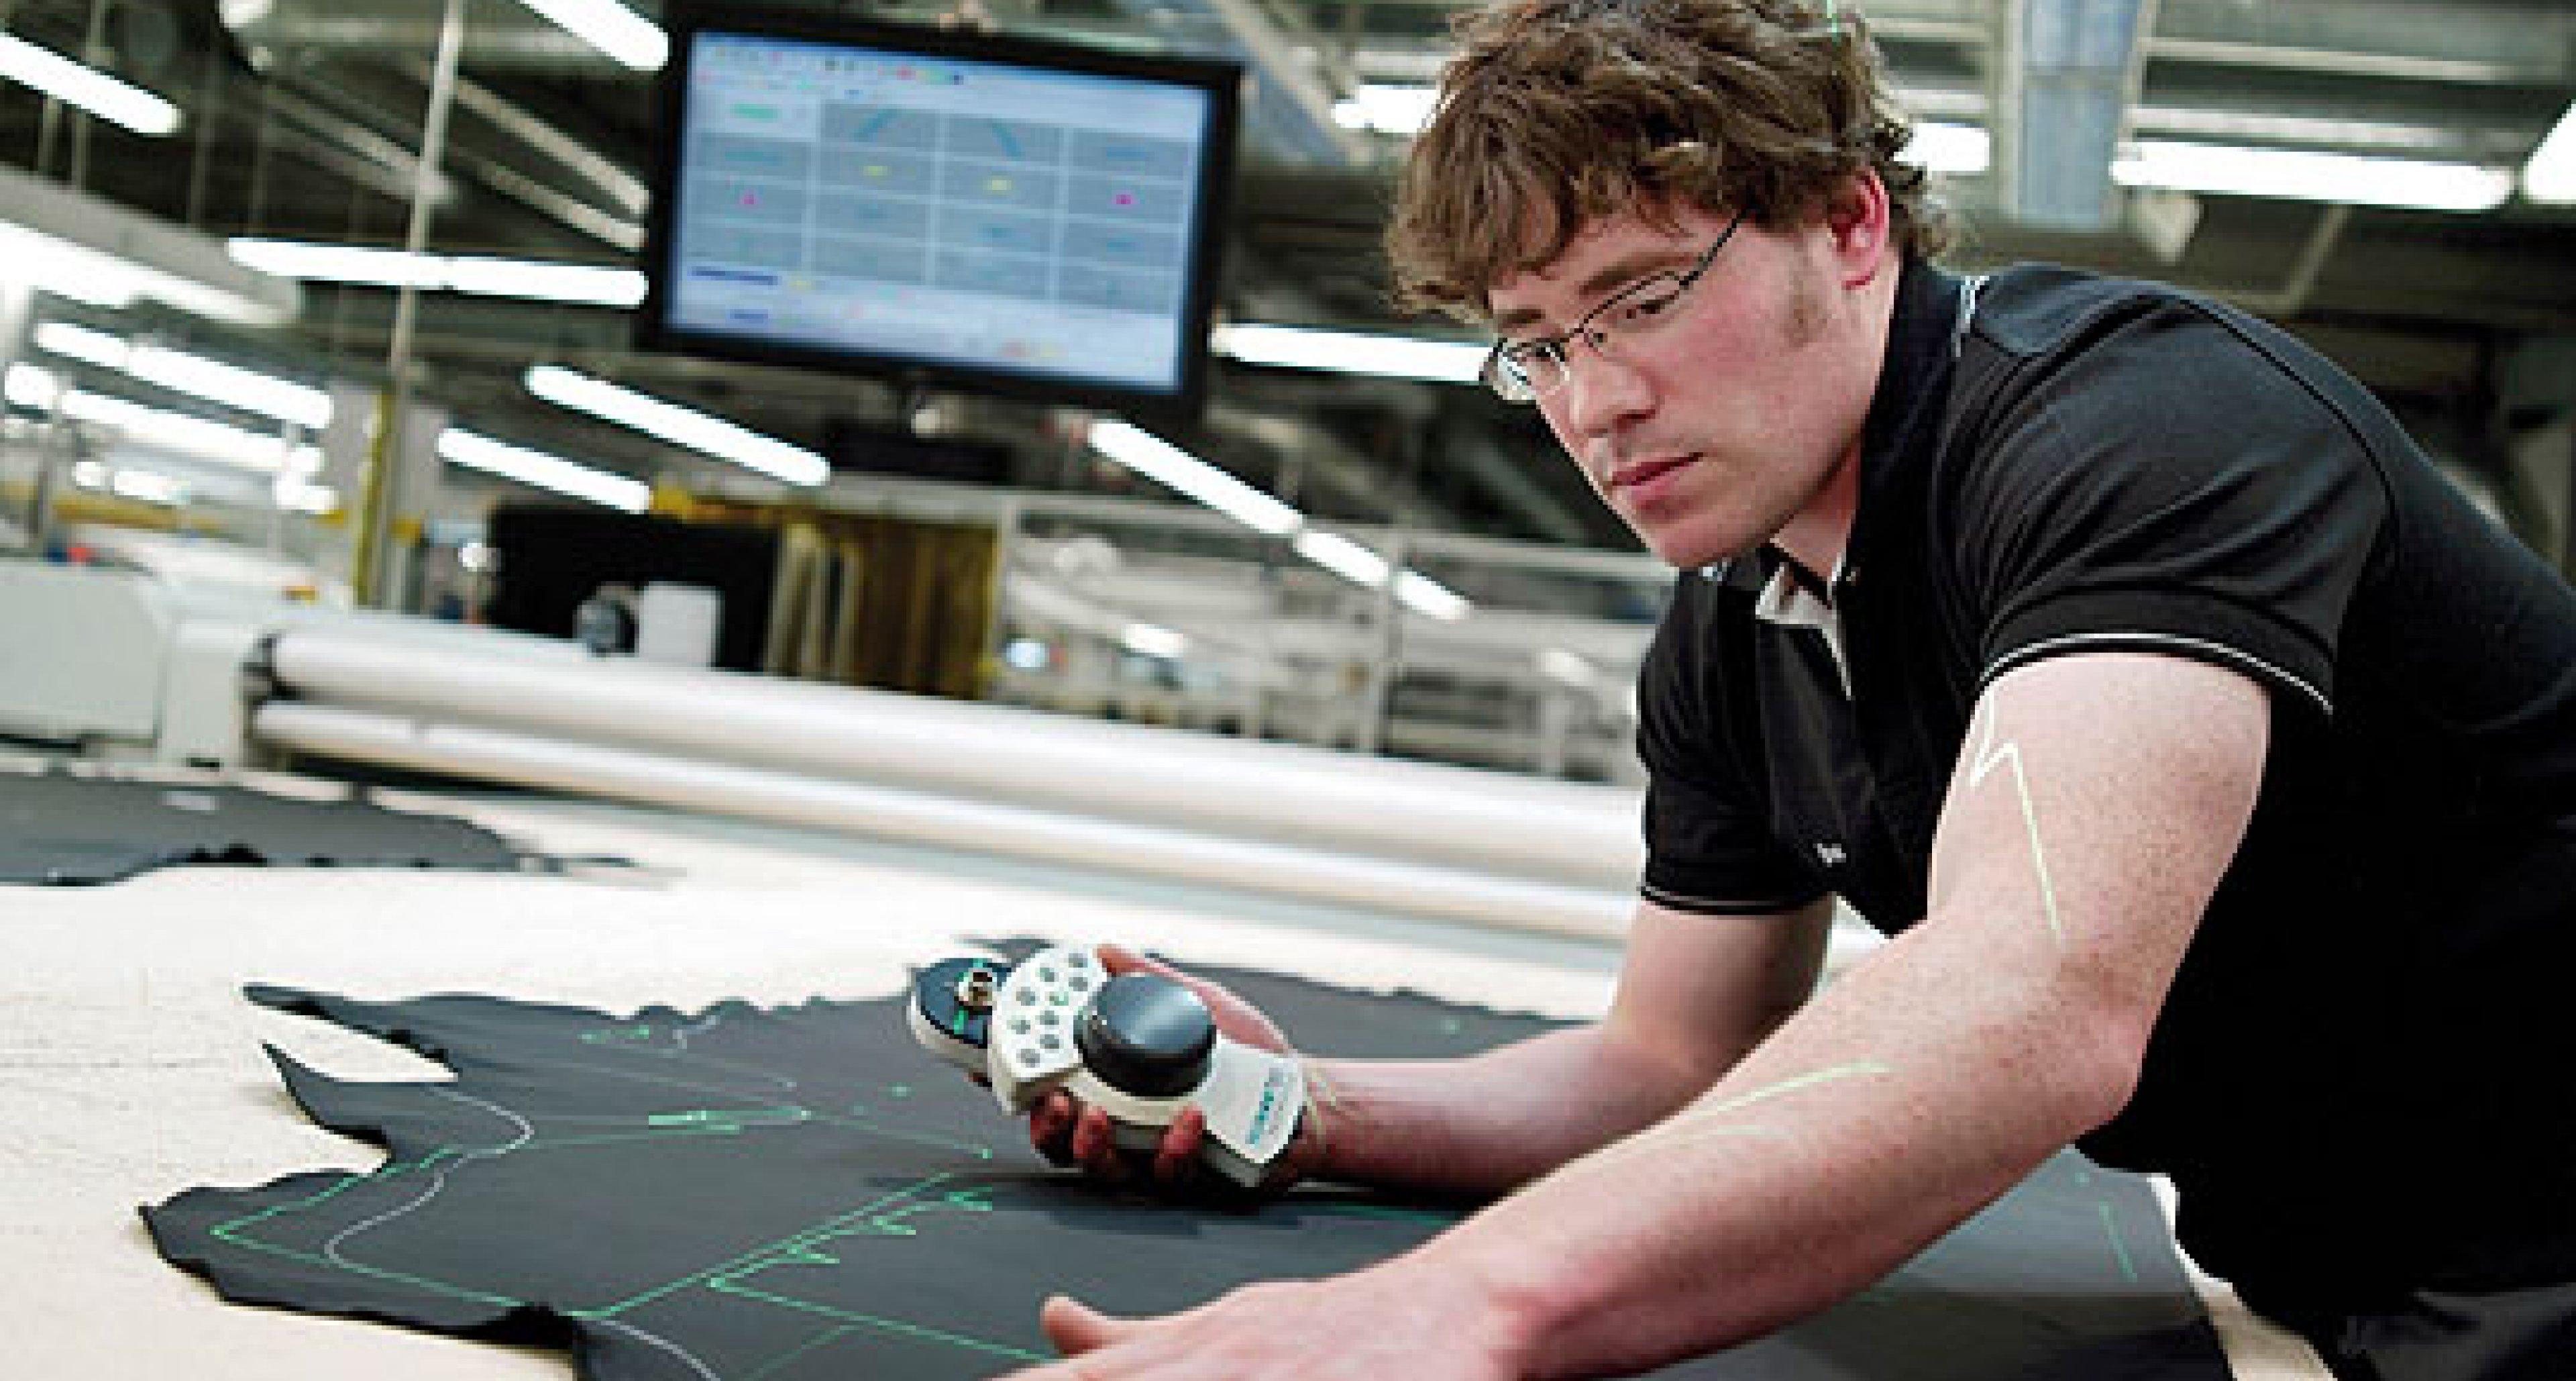 Rolls-Royce: Ghost Brings New Jobs